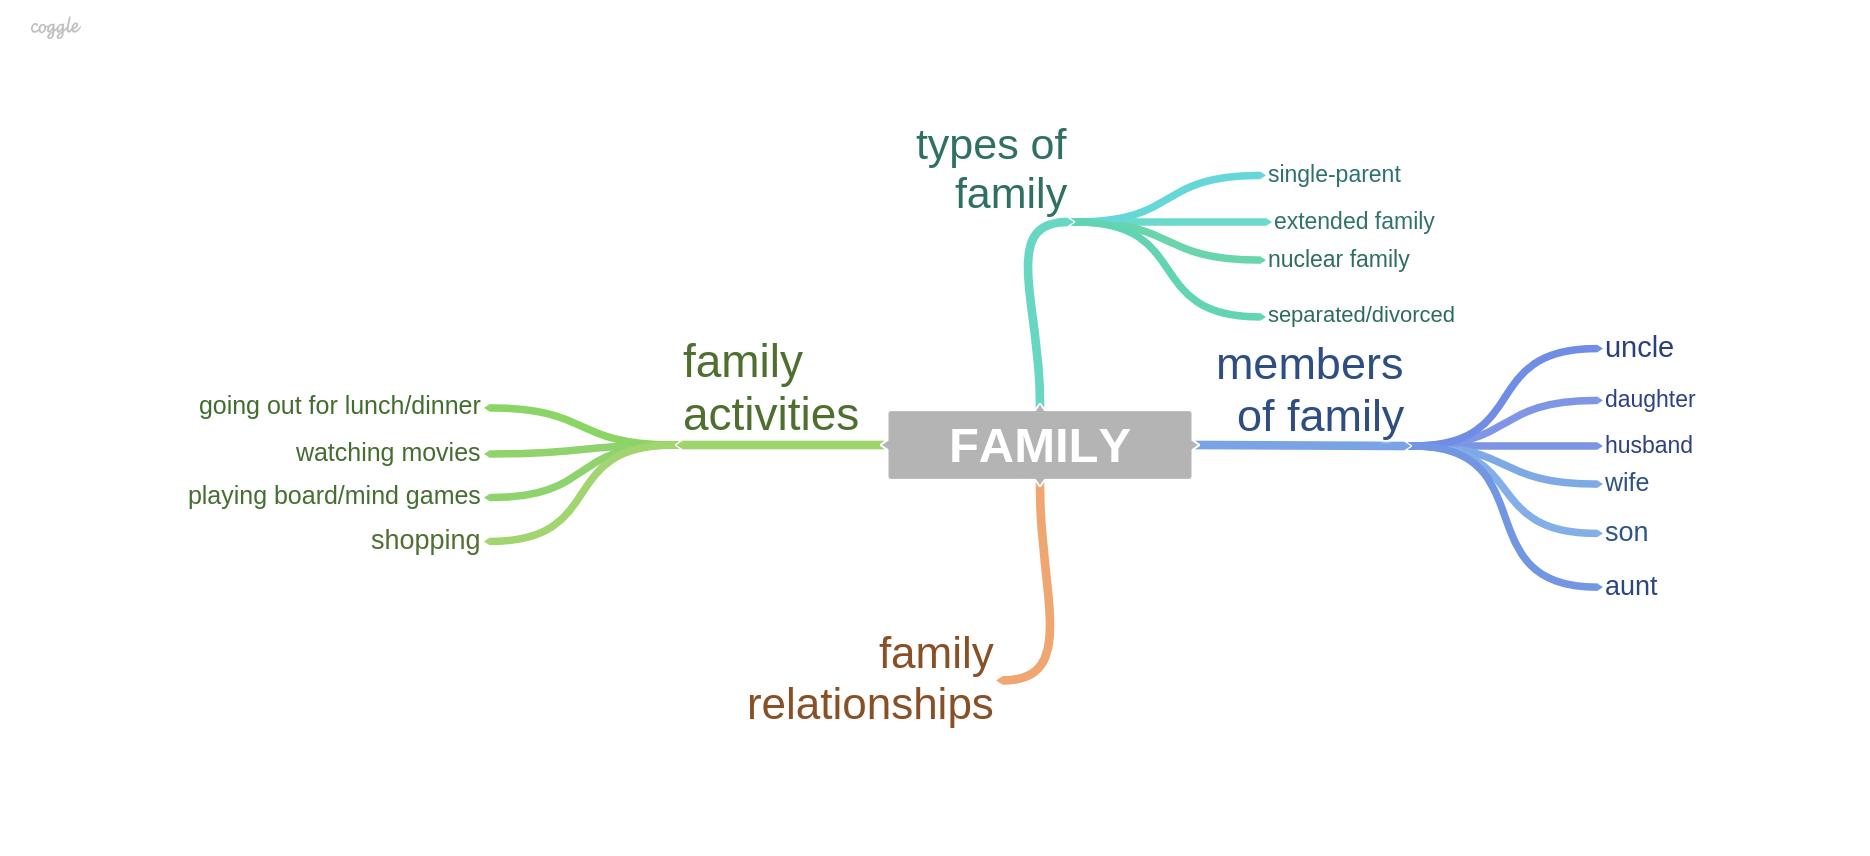 2018年1月雅思口语题库part1新题:family(家庭)图1